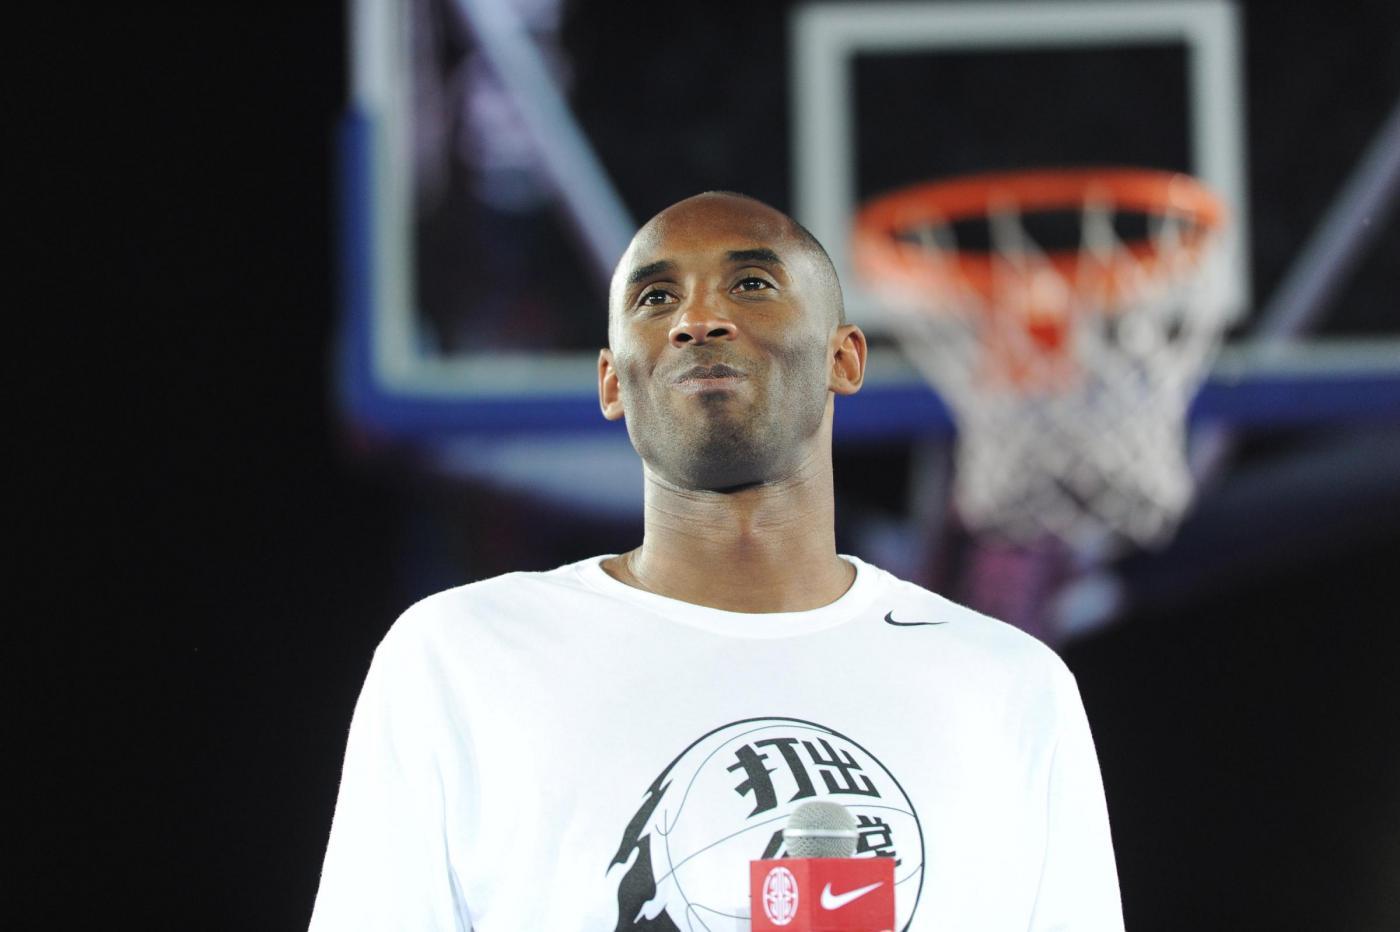 Basket, Kobe Bryant si ritira a fine stagione: la commovente lettera